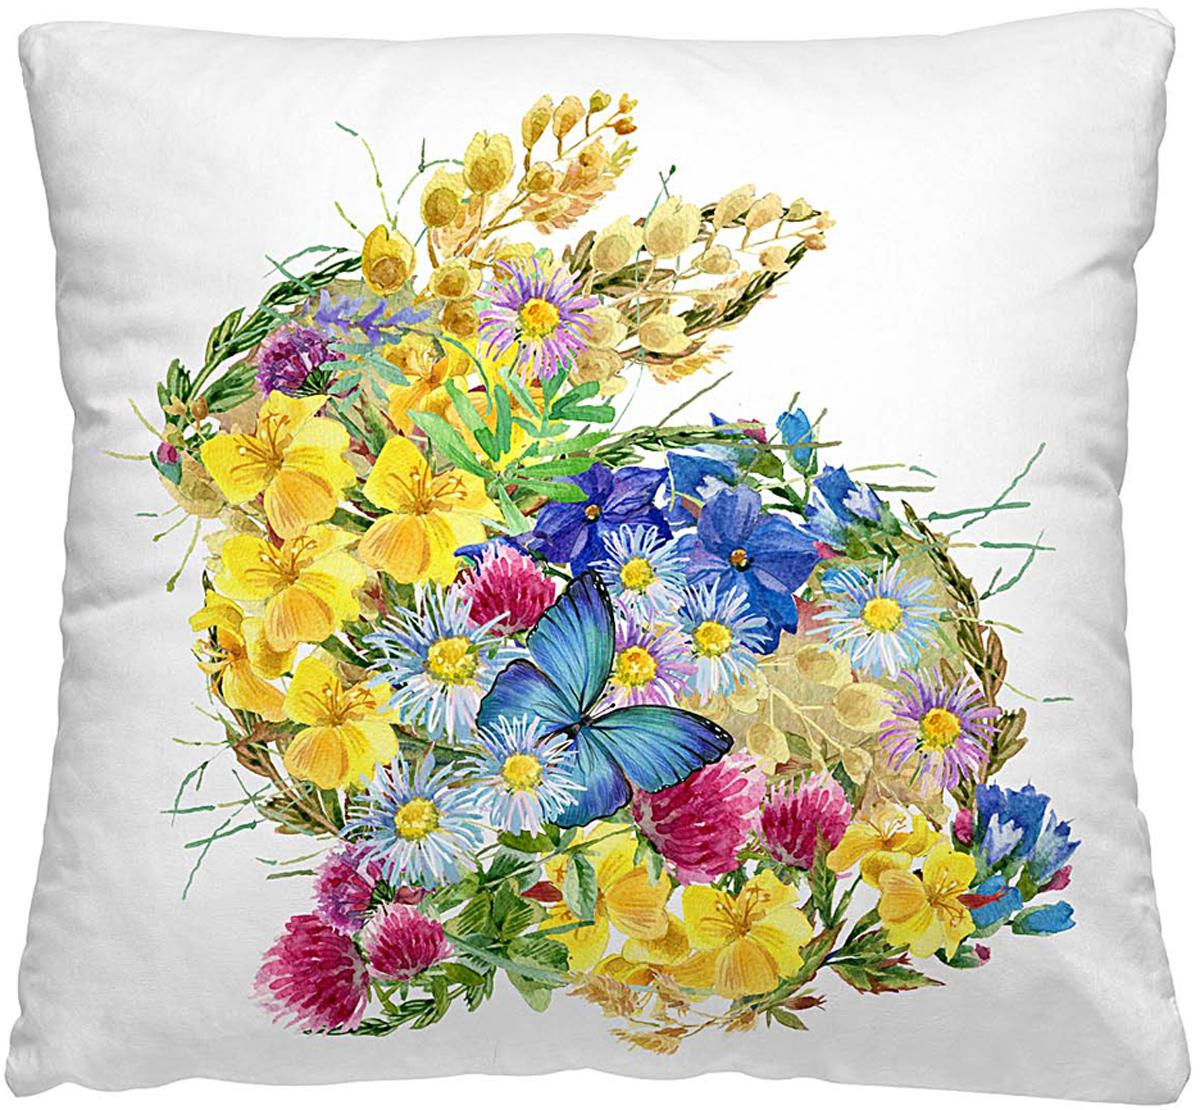 Подушка декоративная Волшебная ночь Цветочный заяц, 40 х 40 см подушка декоративная волшебная ночь цветочный заяц 40х40 см